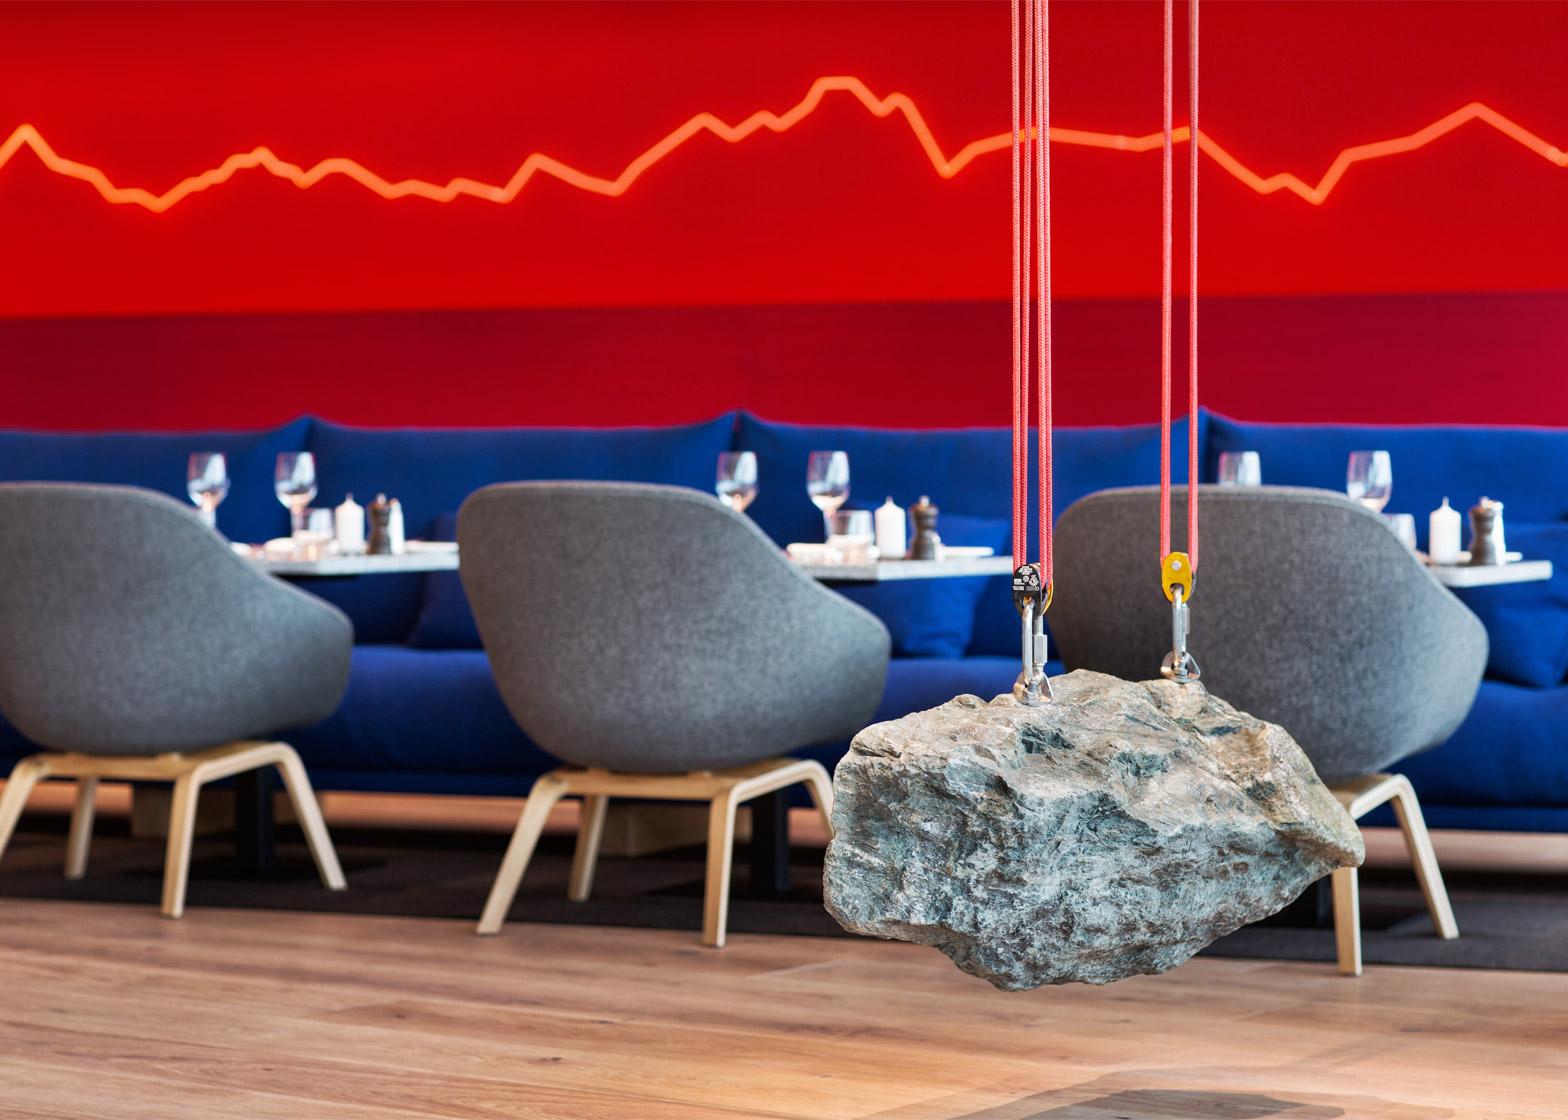 architecture_saltz_restaurant_the_dolder_grand_design_studia_interiors_osnovadesign_osnova_poltava_03